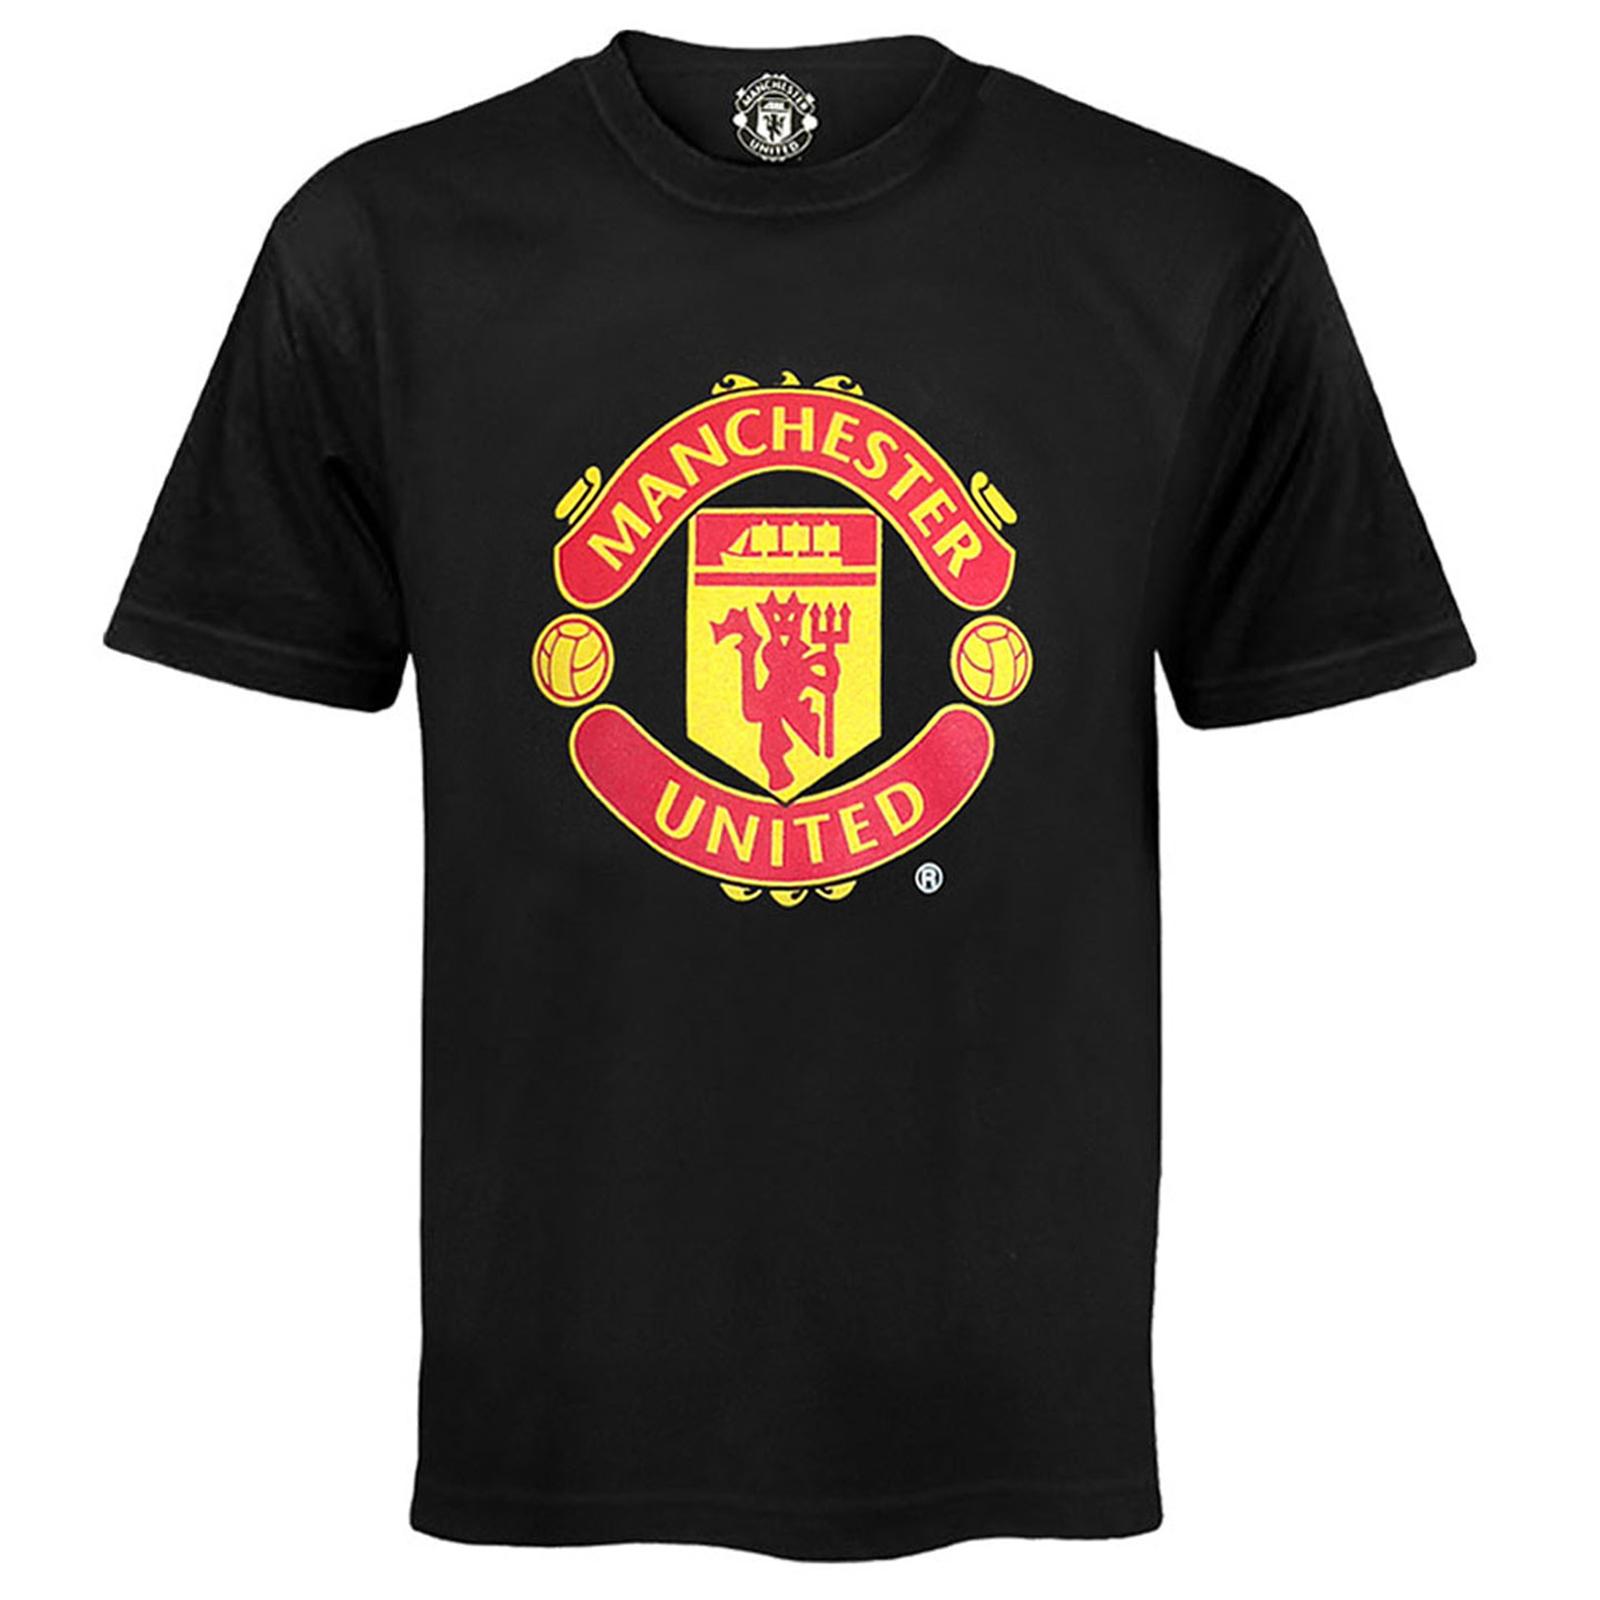 Manchester-United-FC-officiel-T-Shirt-pour-garcon-avec-embleme